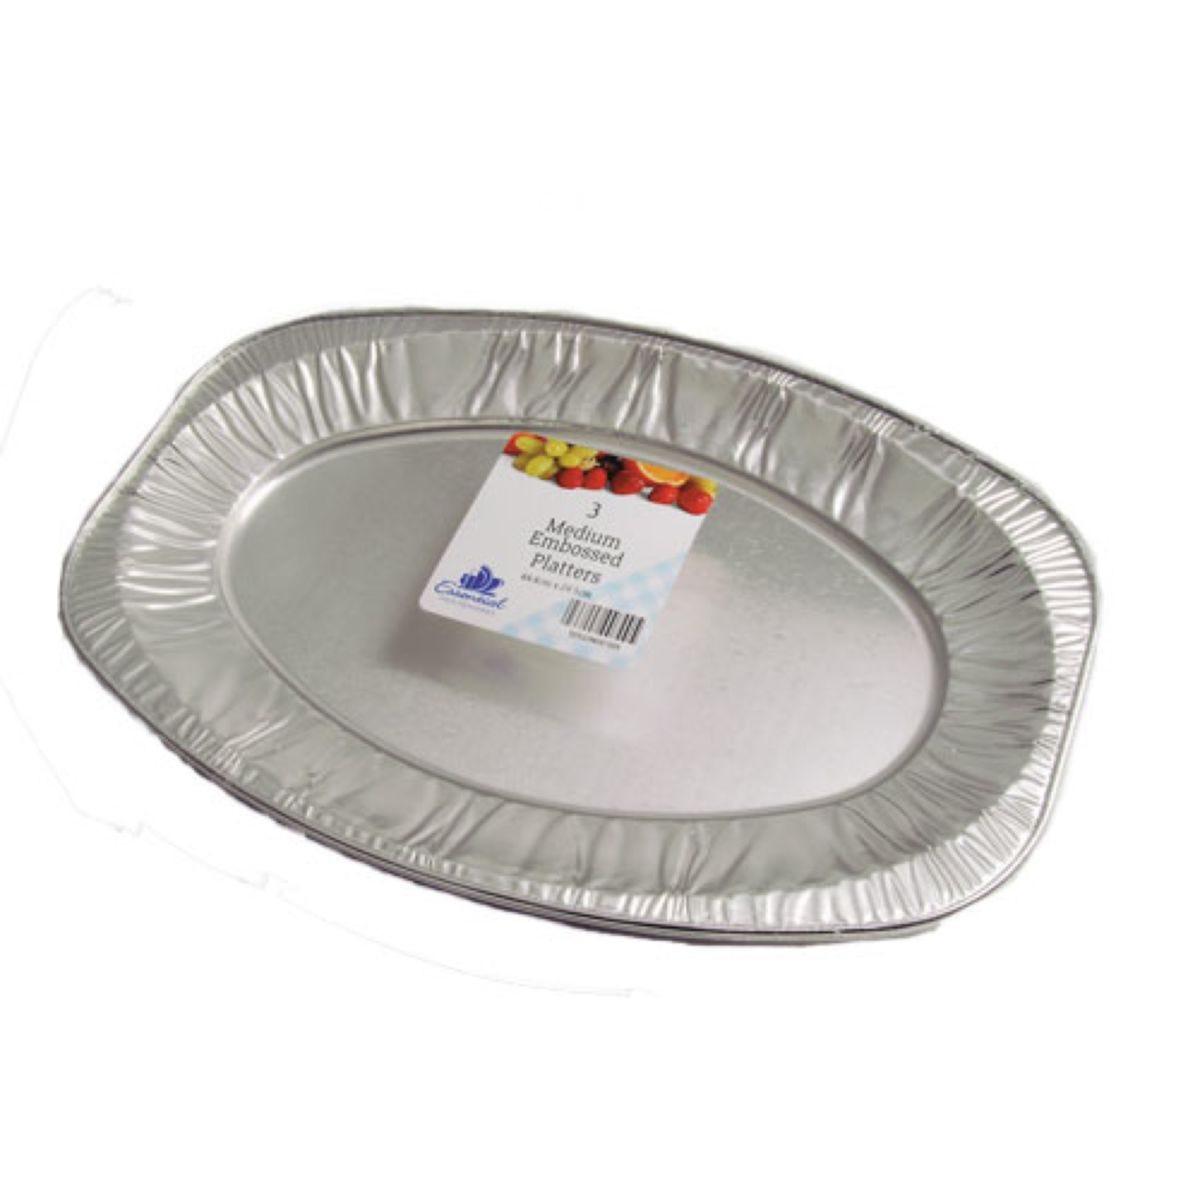 Essential Medium Platters